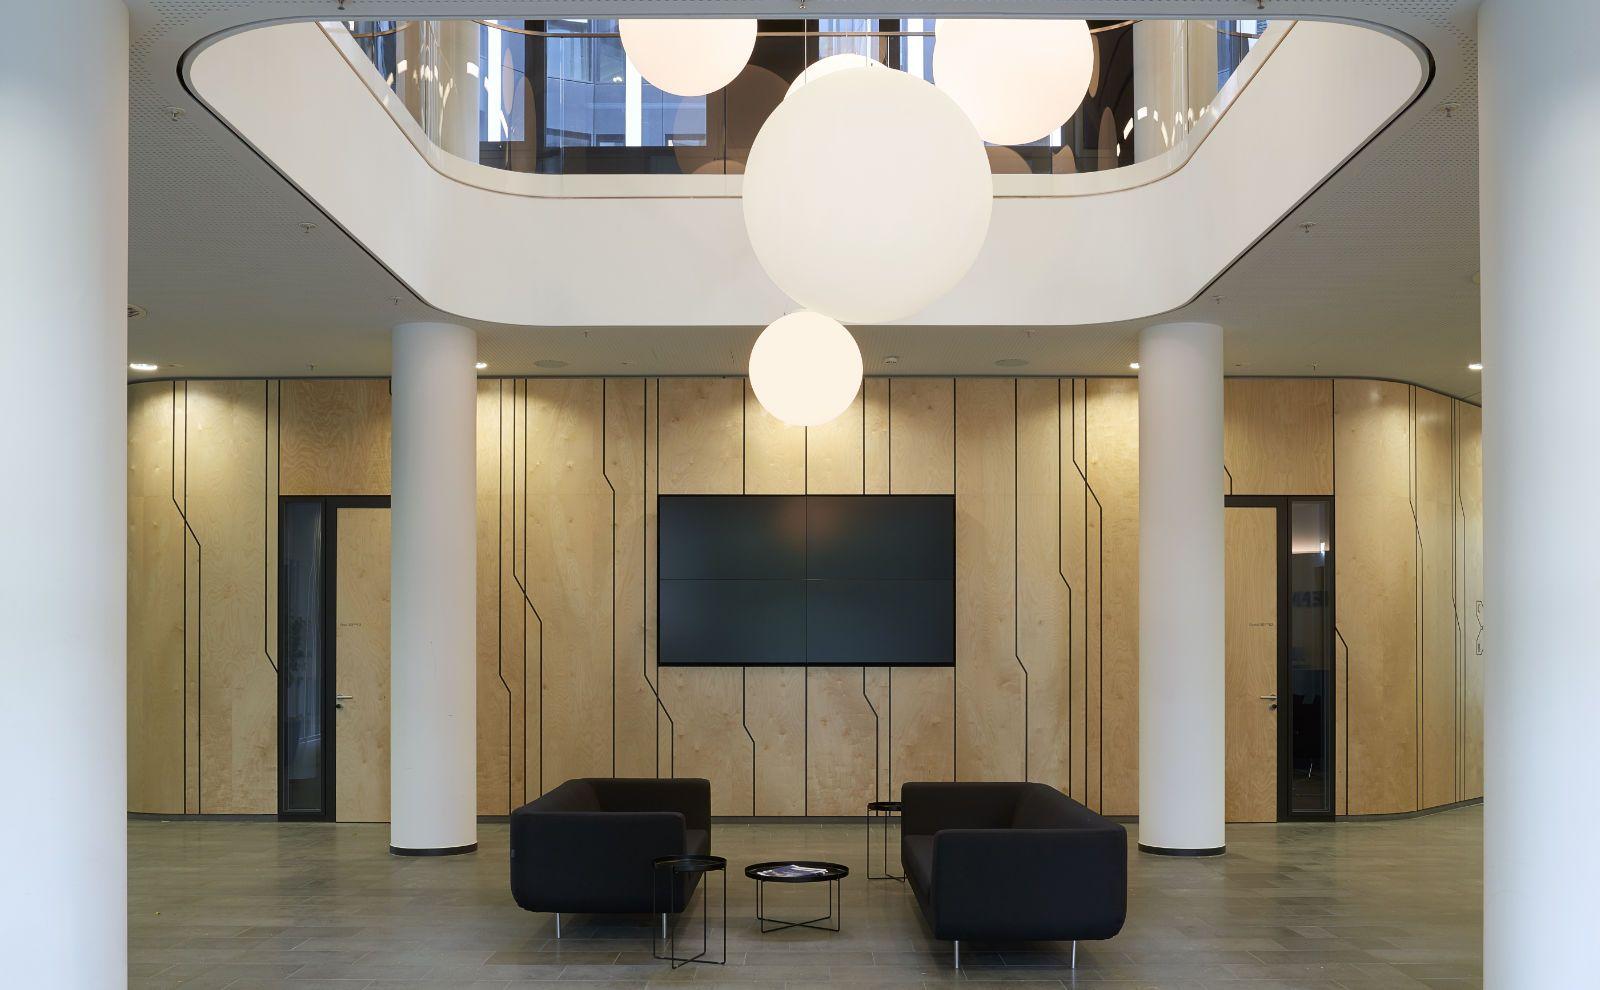 Innenhof der DB Schenker Unternehmenszentrale von BAID Architektur mit Sofa und Holzwand